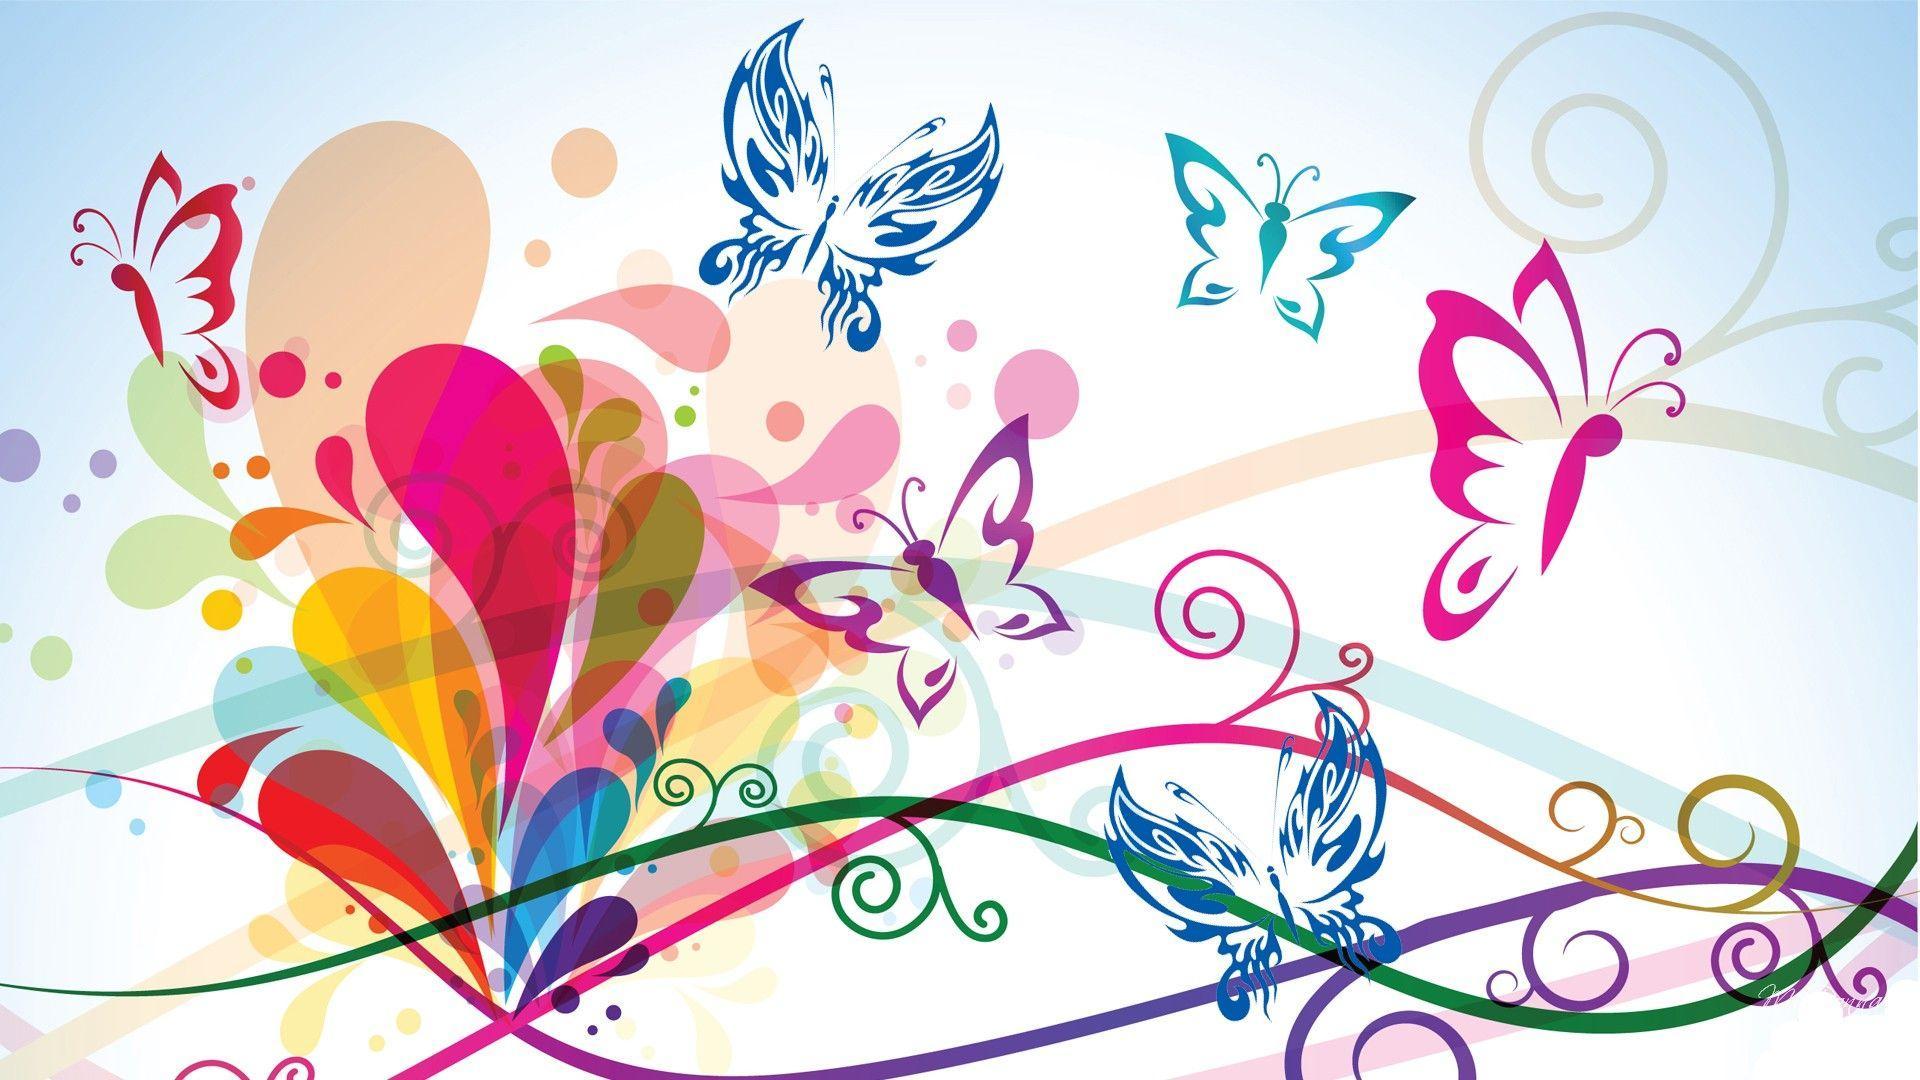 HD Loving Butterflies Wallpaper Download Free / Wallpaper ...